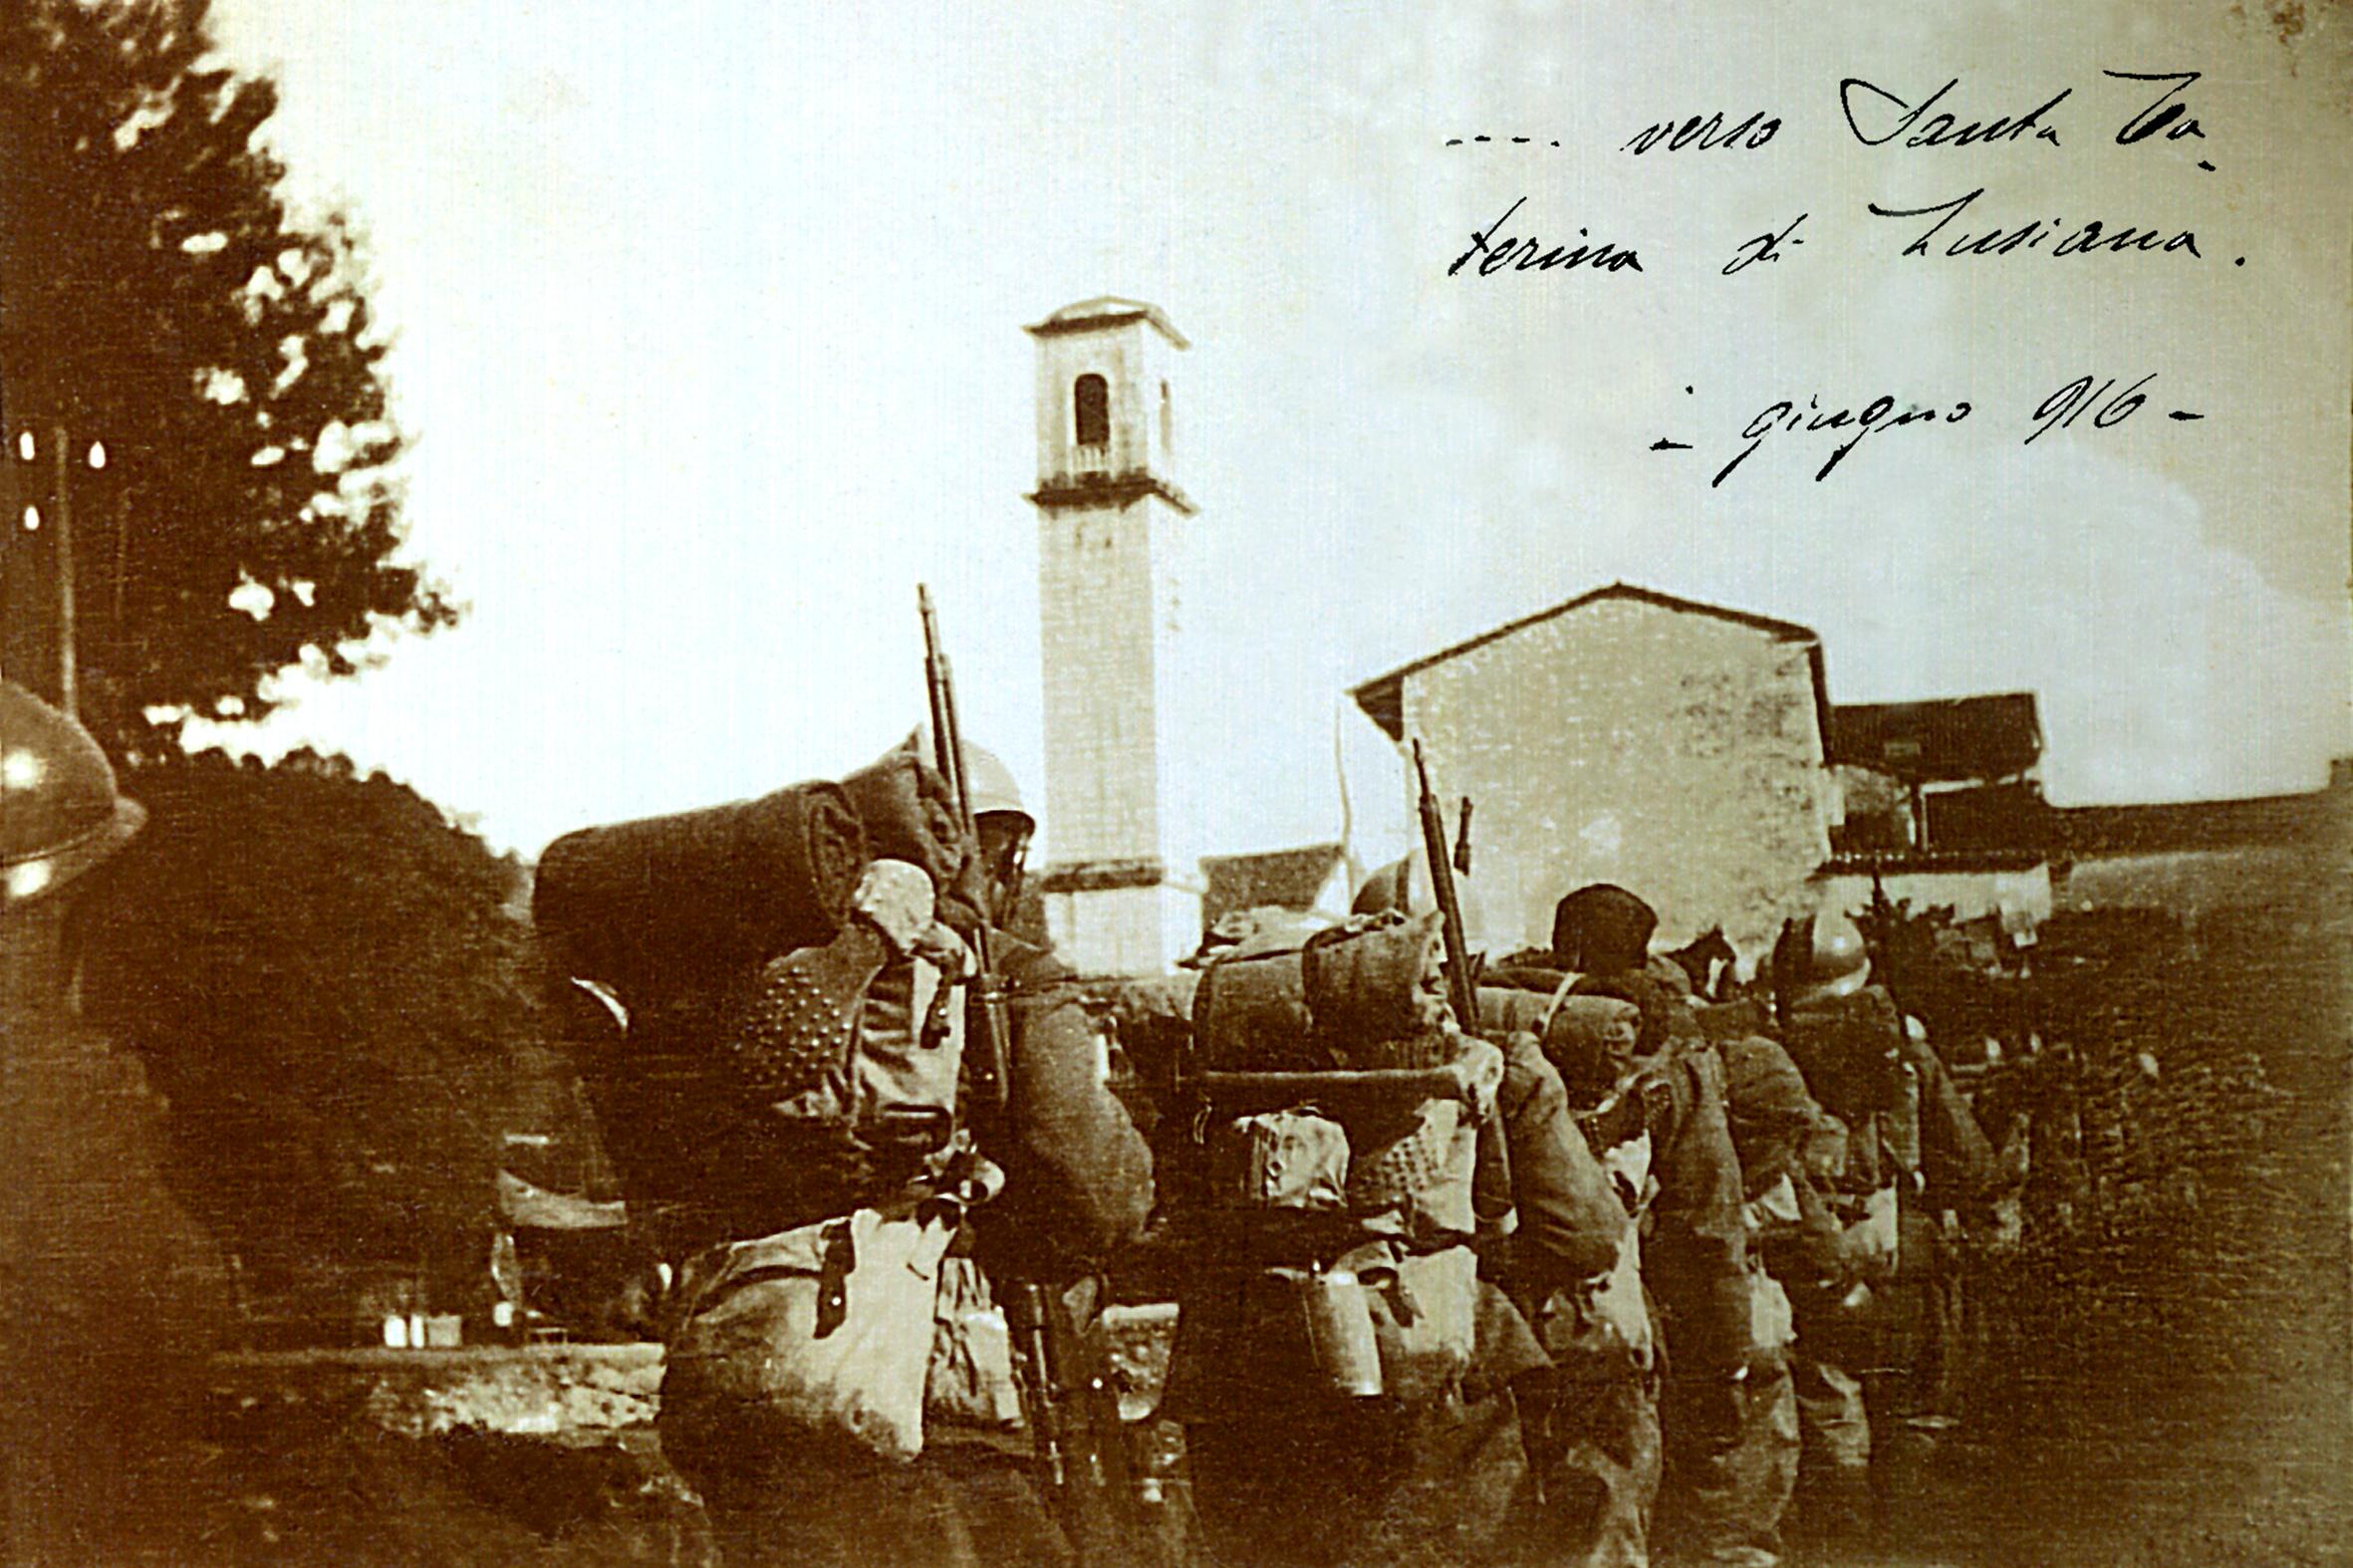 01 - reparto di fanteria italiana in transito - ASDM.JPG